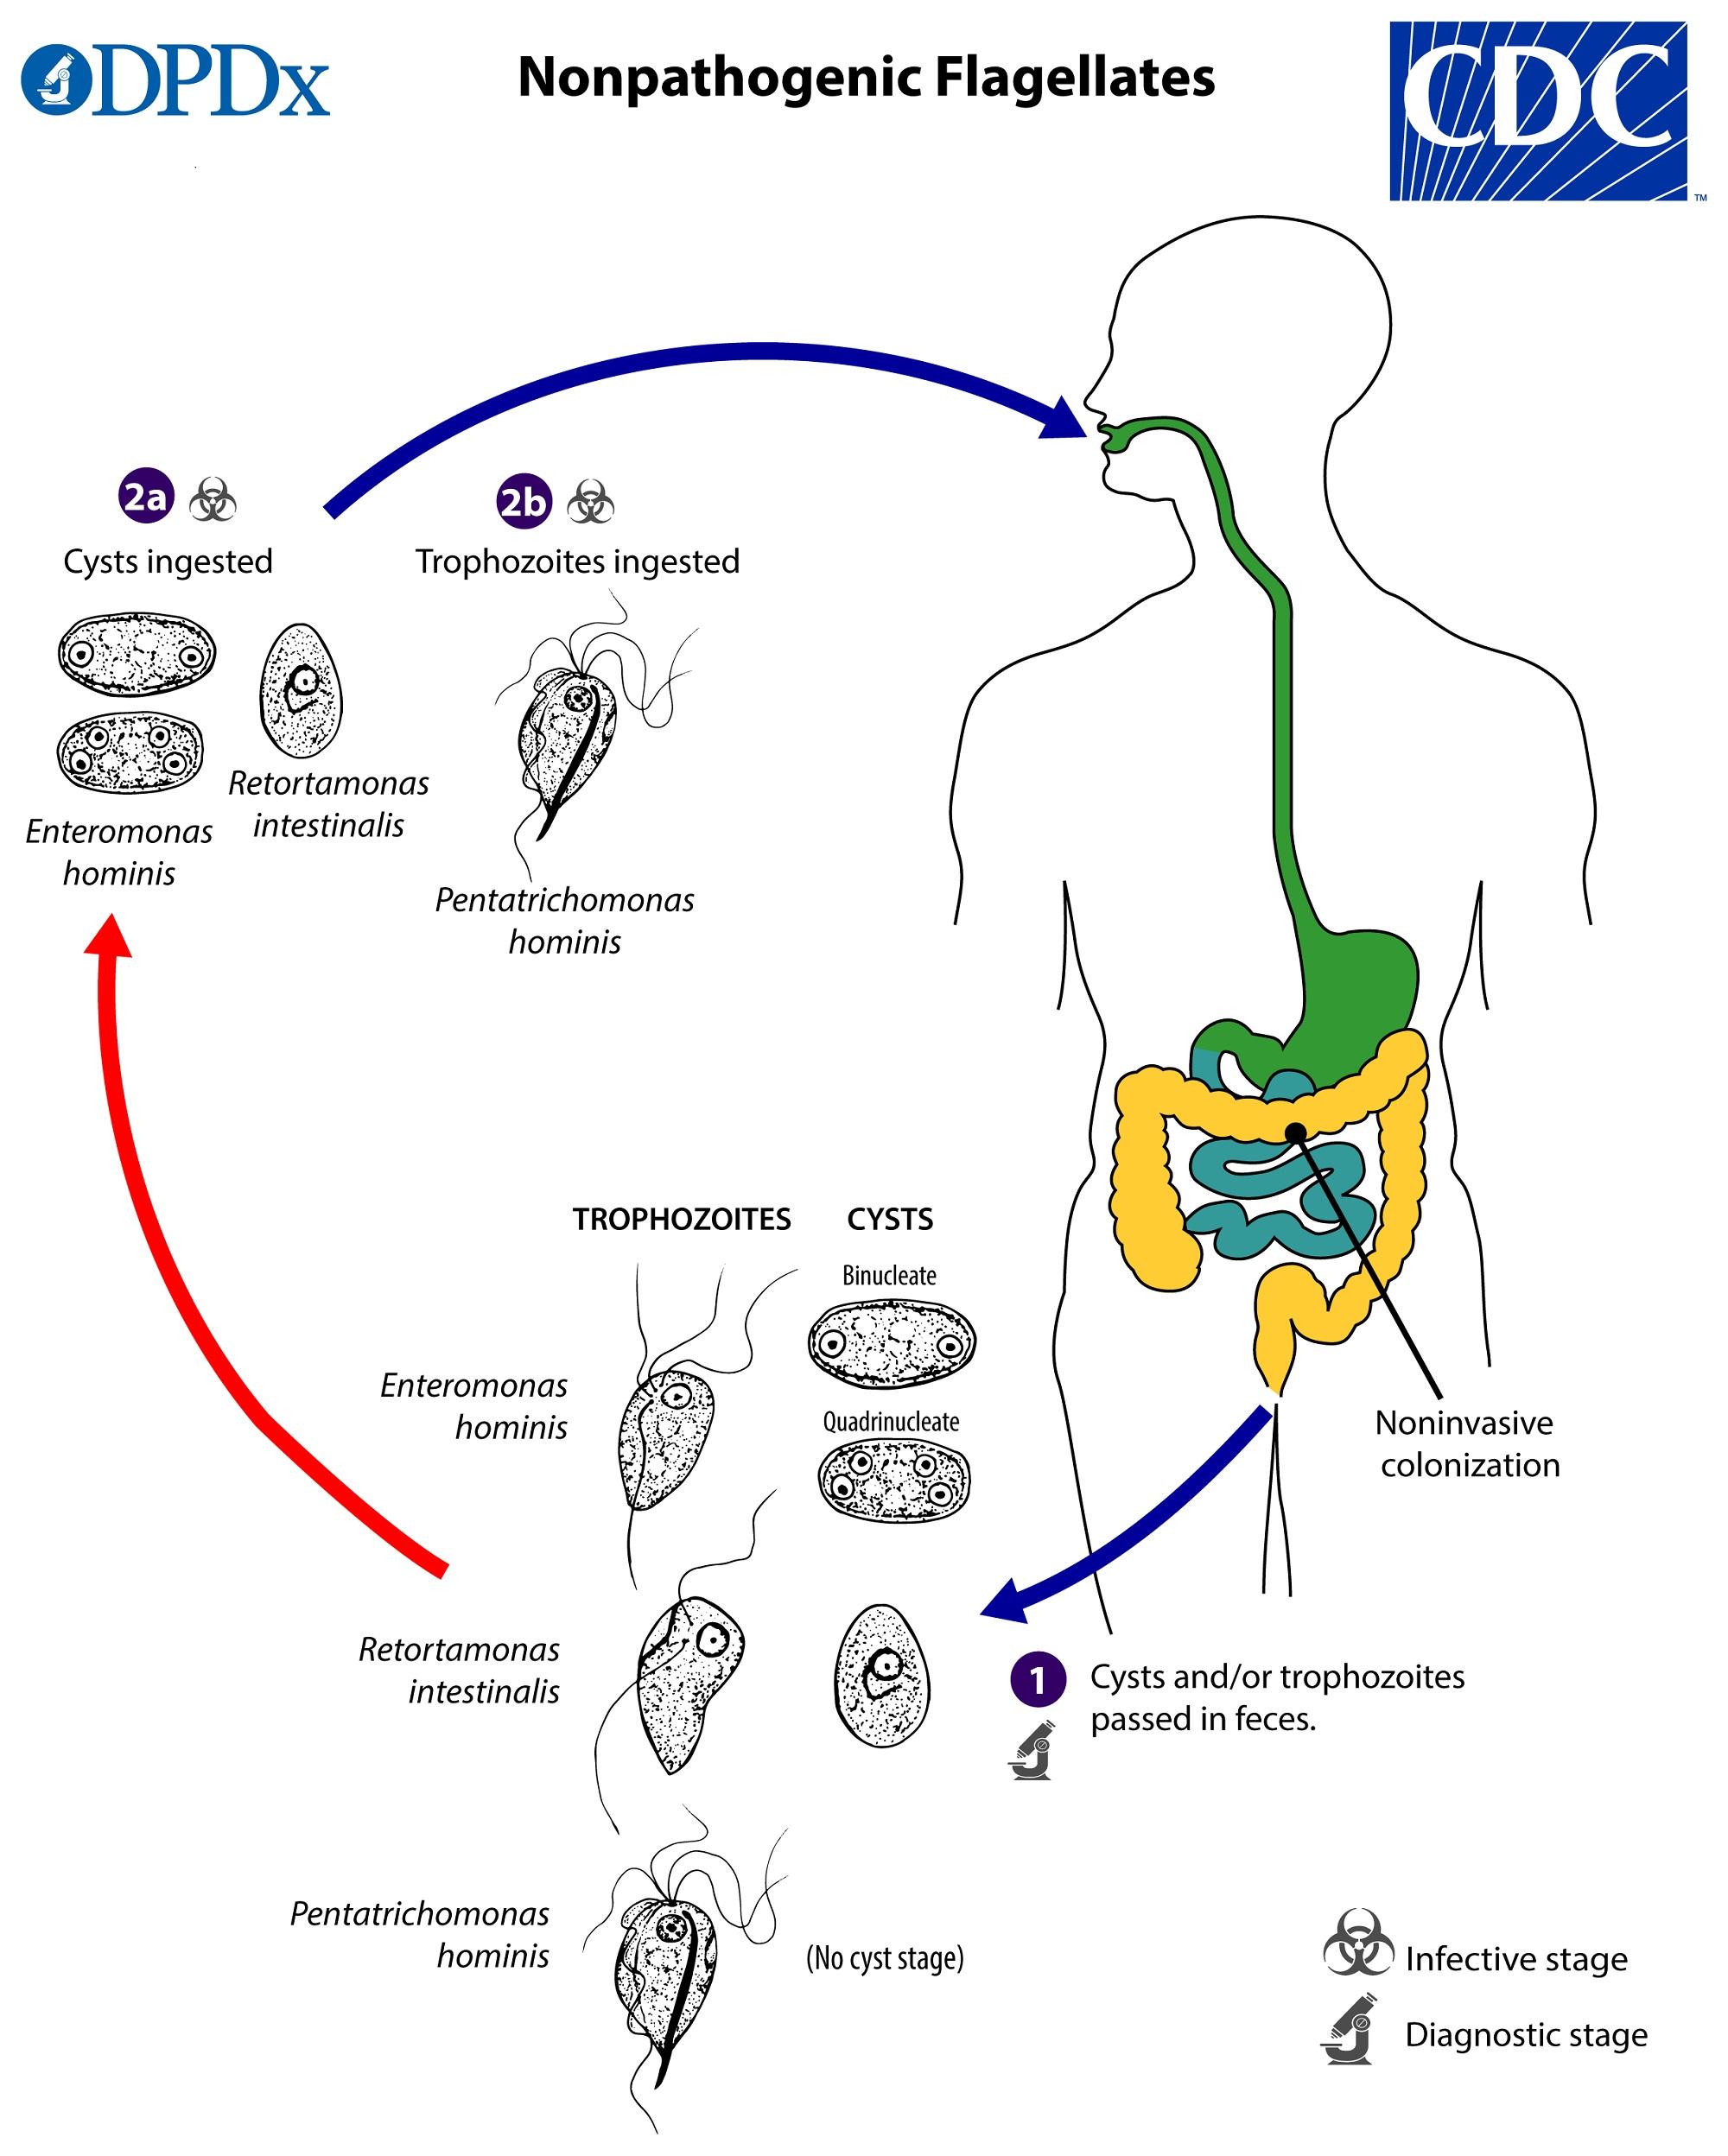 paraziti intestinali blastocystis hominis